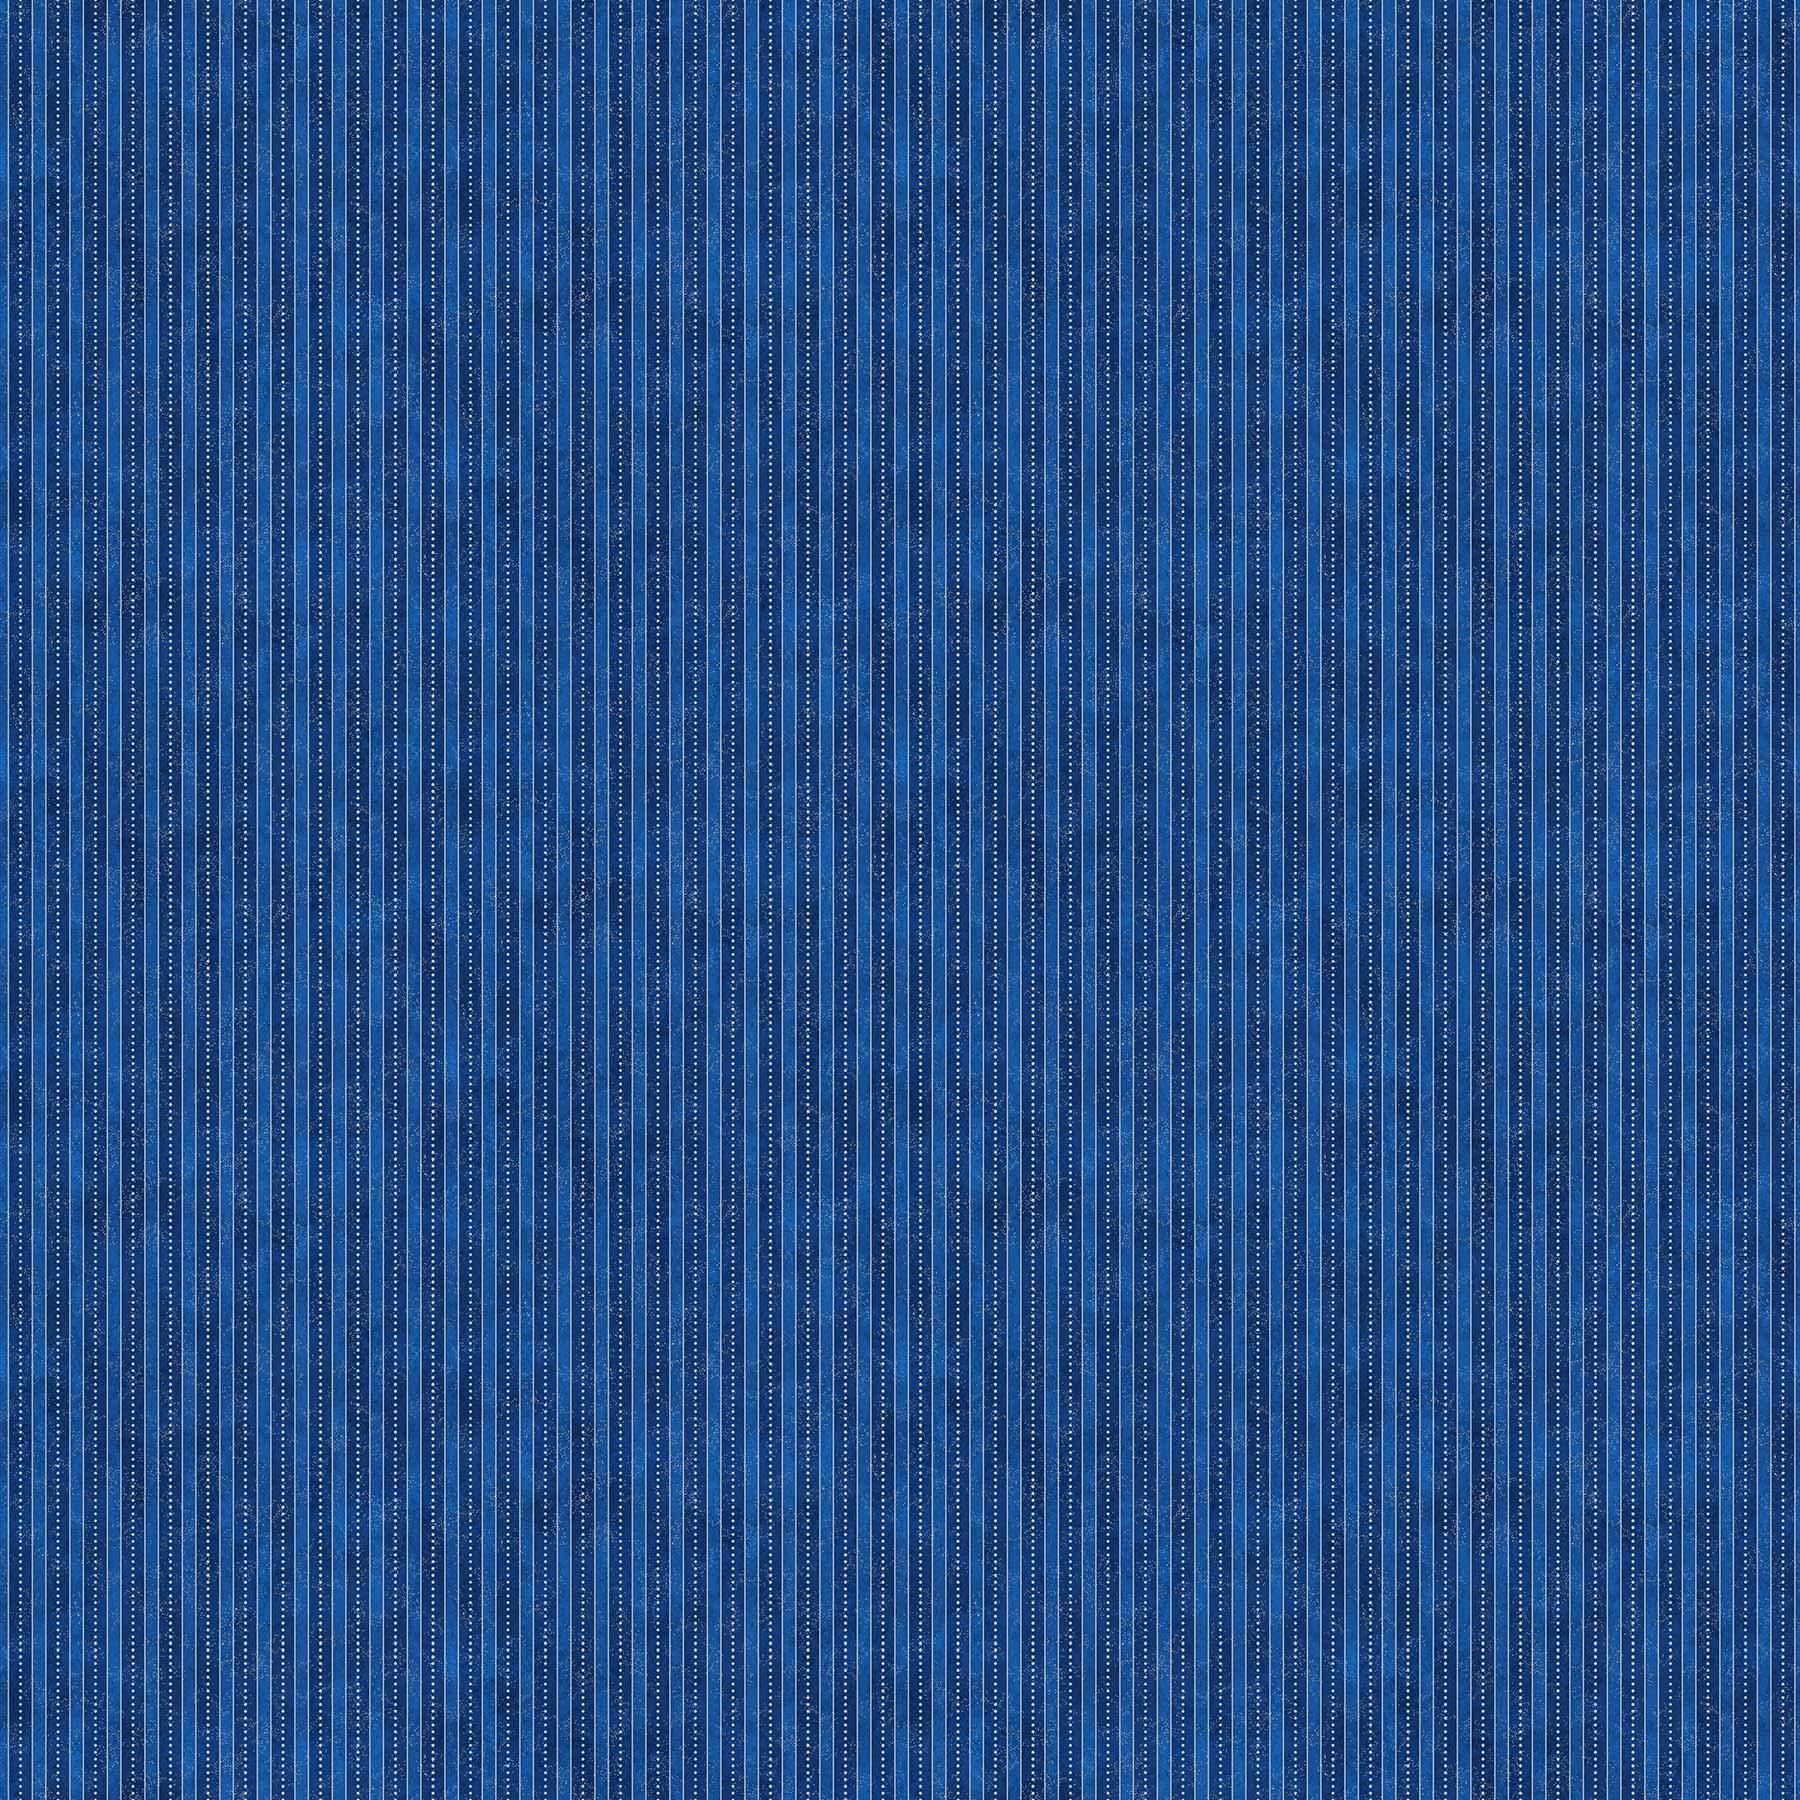 SHIMMER FROST LIGHT BLUESILVER STRIPE